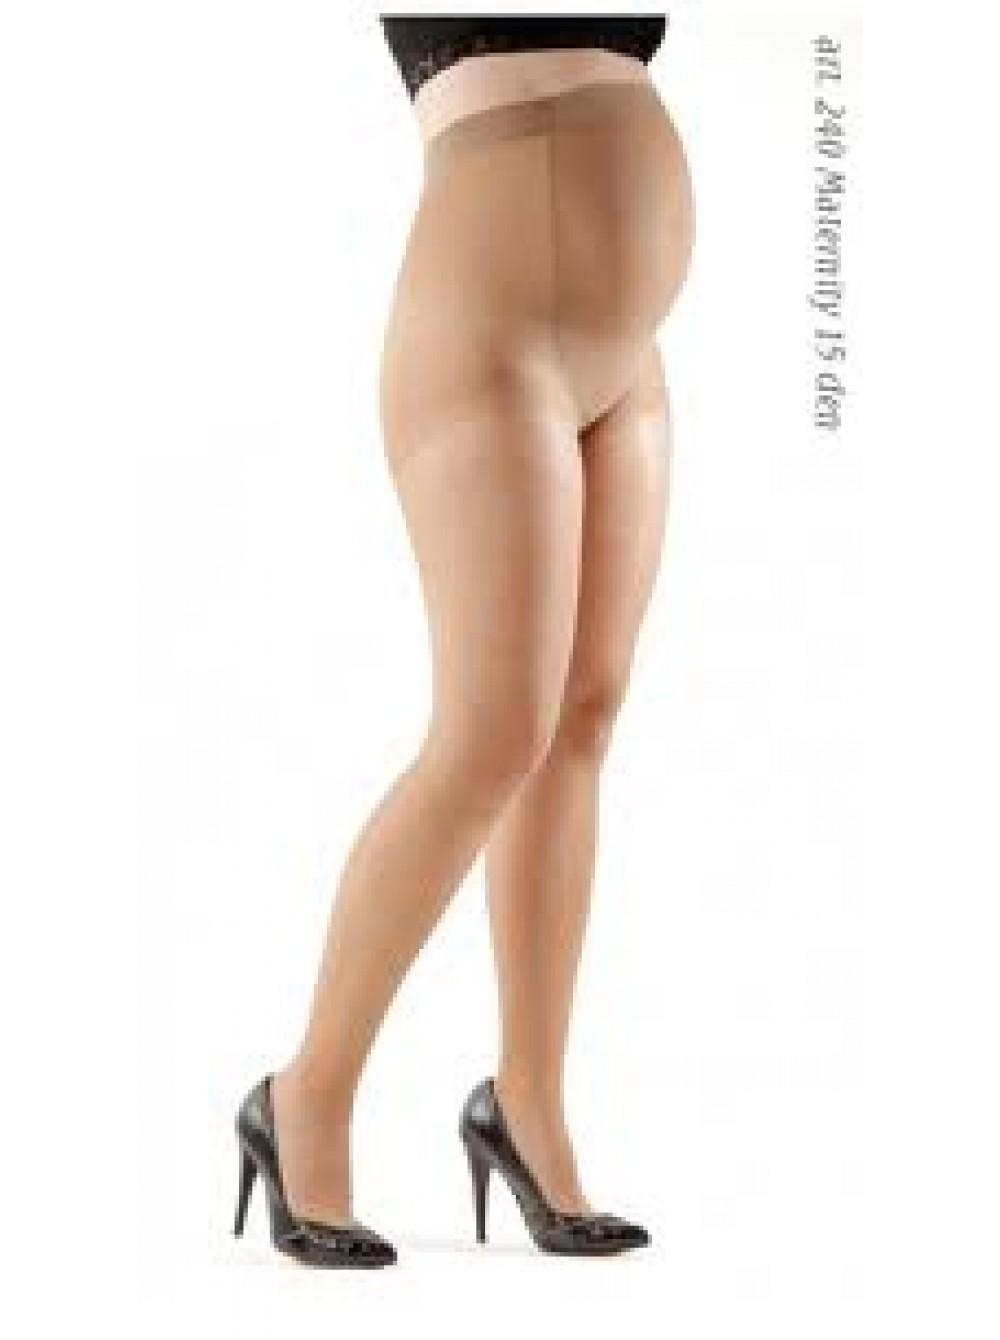 b1436812c48 9Kuud - Rasedate sukkpüksid 15den - rasedate riided & pesud rasedatele